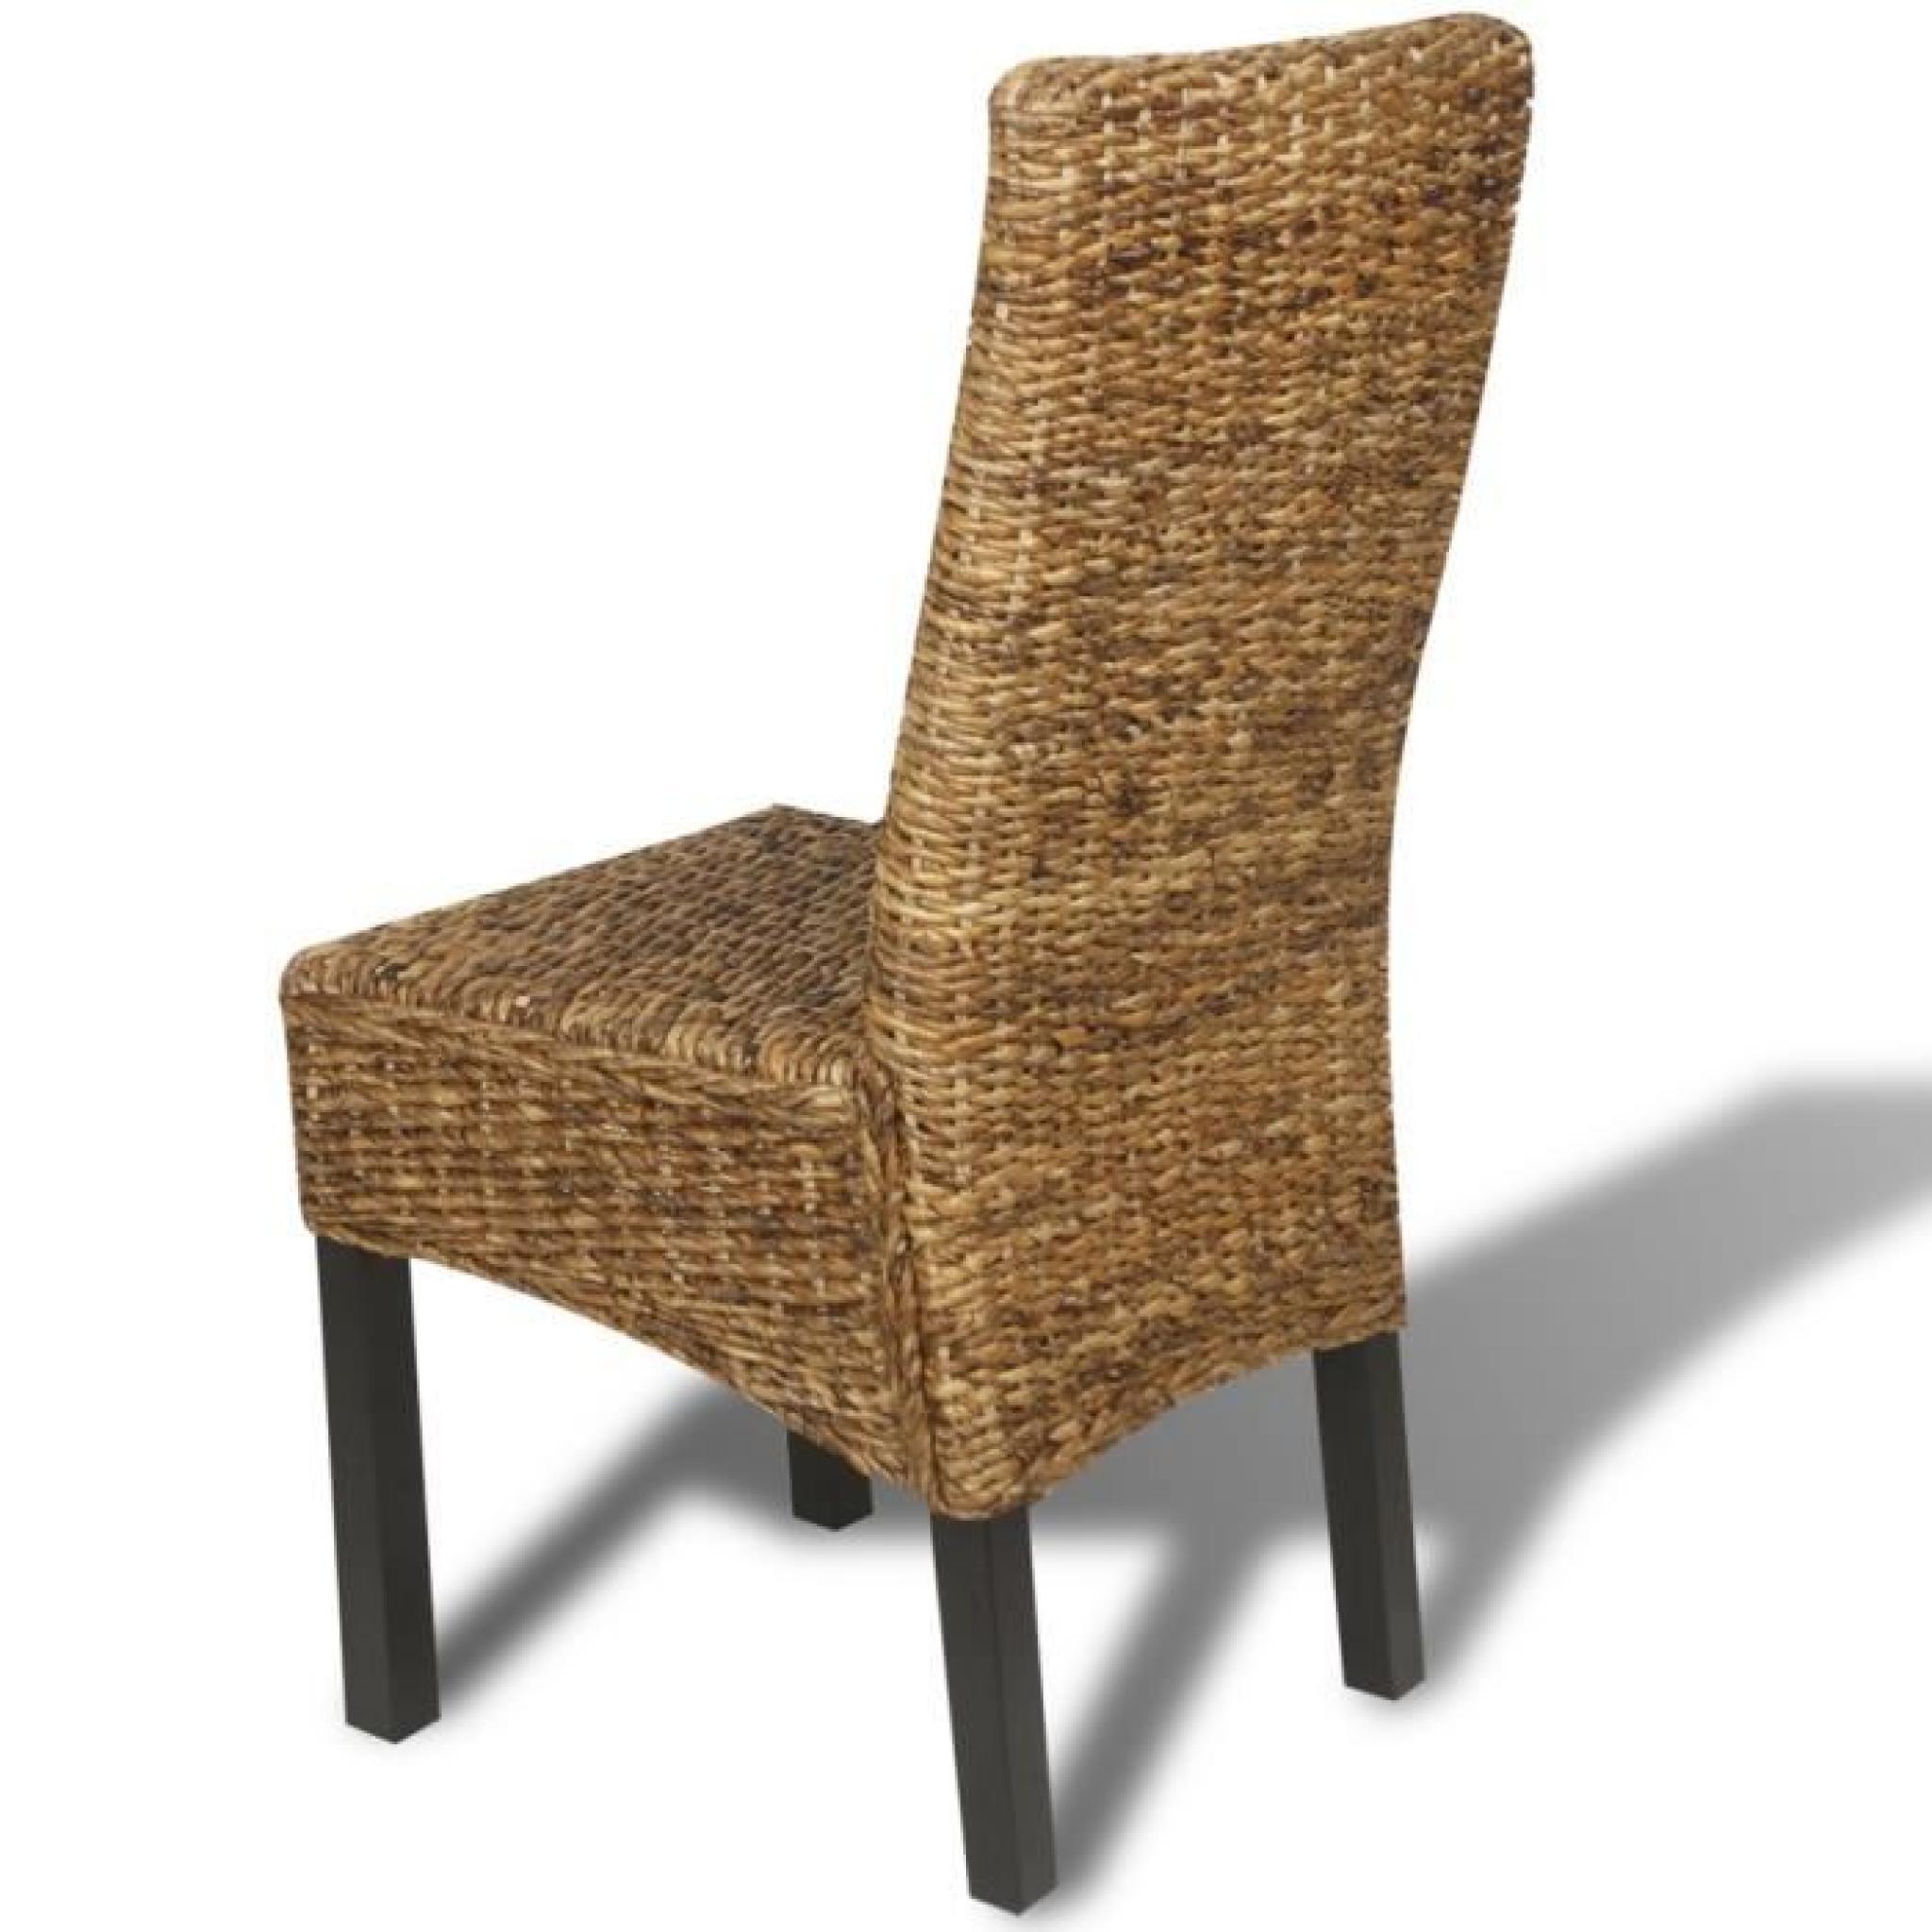 set de 2 chaises en abaca brun faites la main achat vente chaise salle a manger pas cher. Black Bedroom Furniture Sets. Home Design Ideas